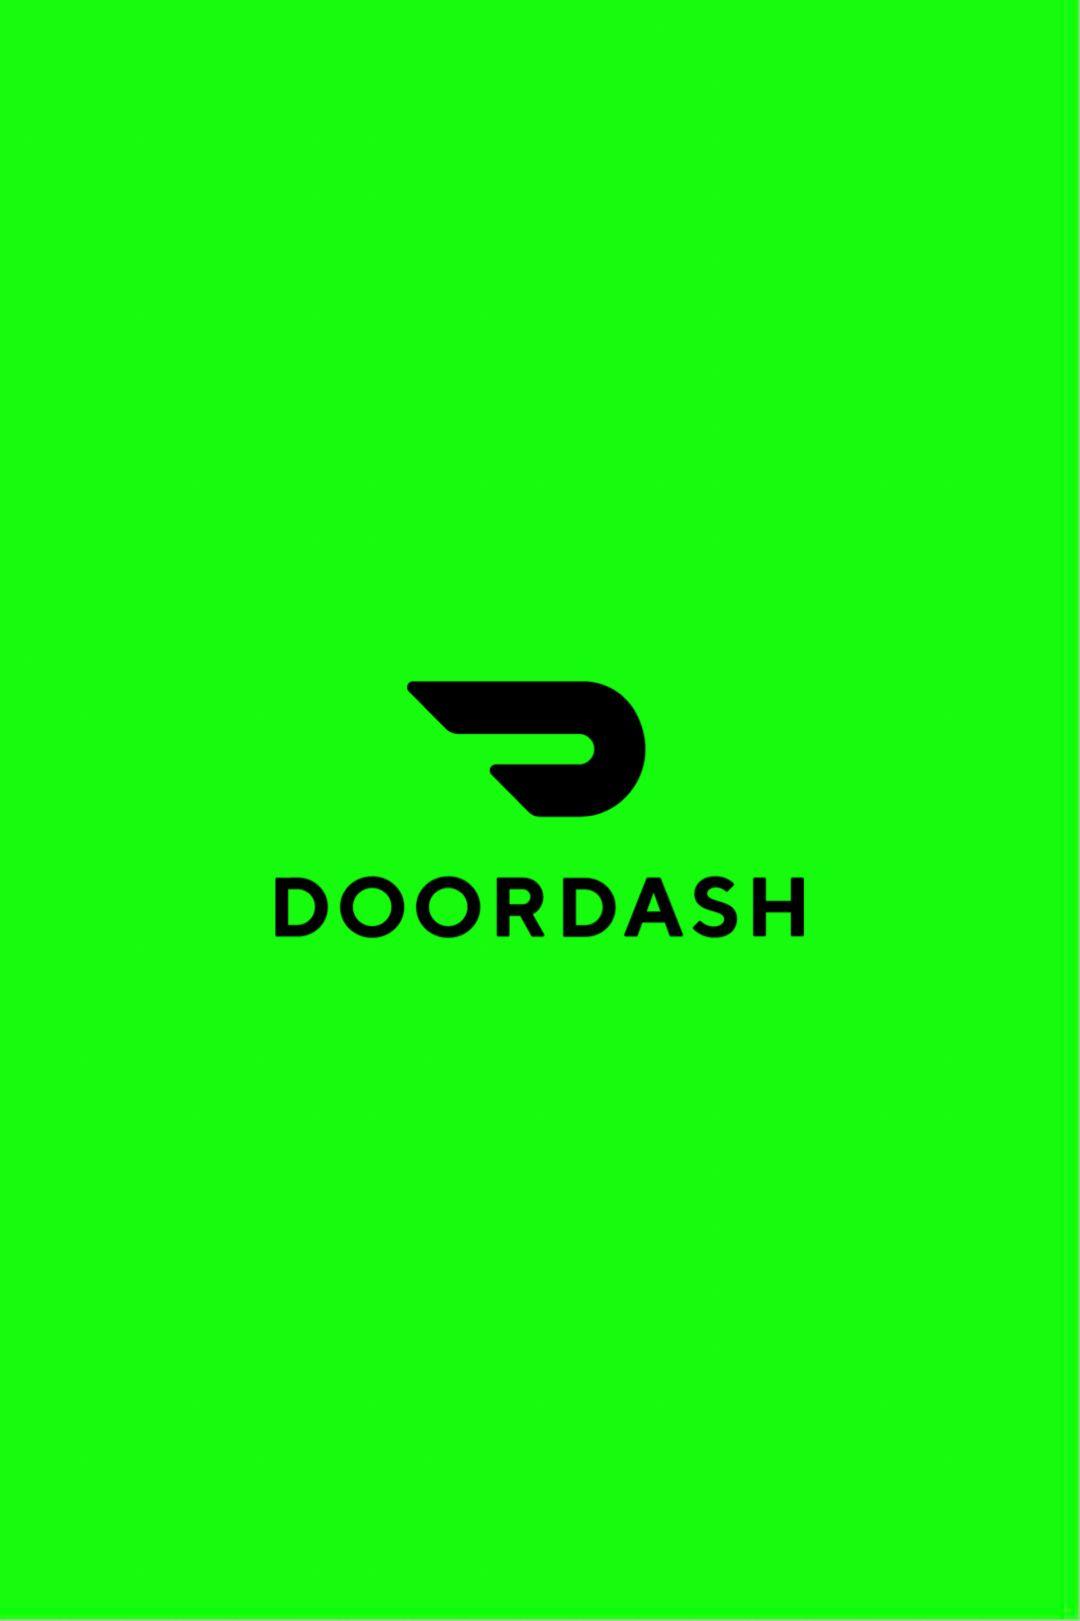 Doordash | Brands of the World™ | Download vector logos